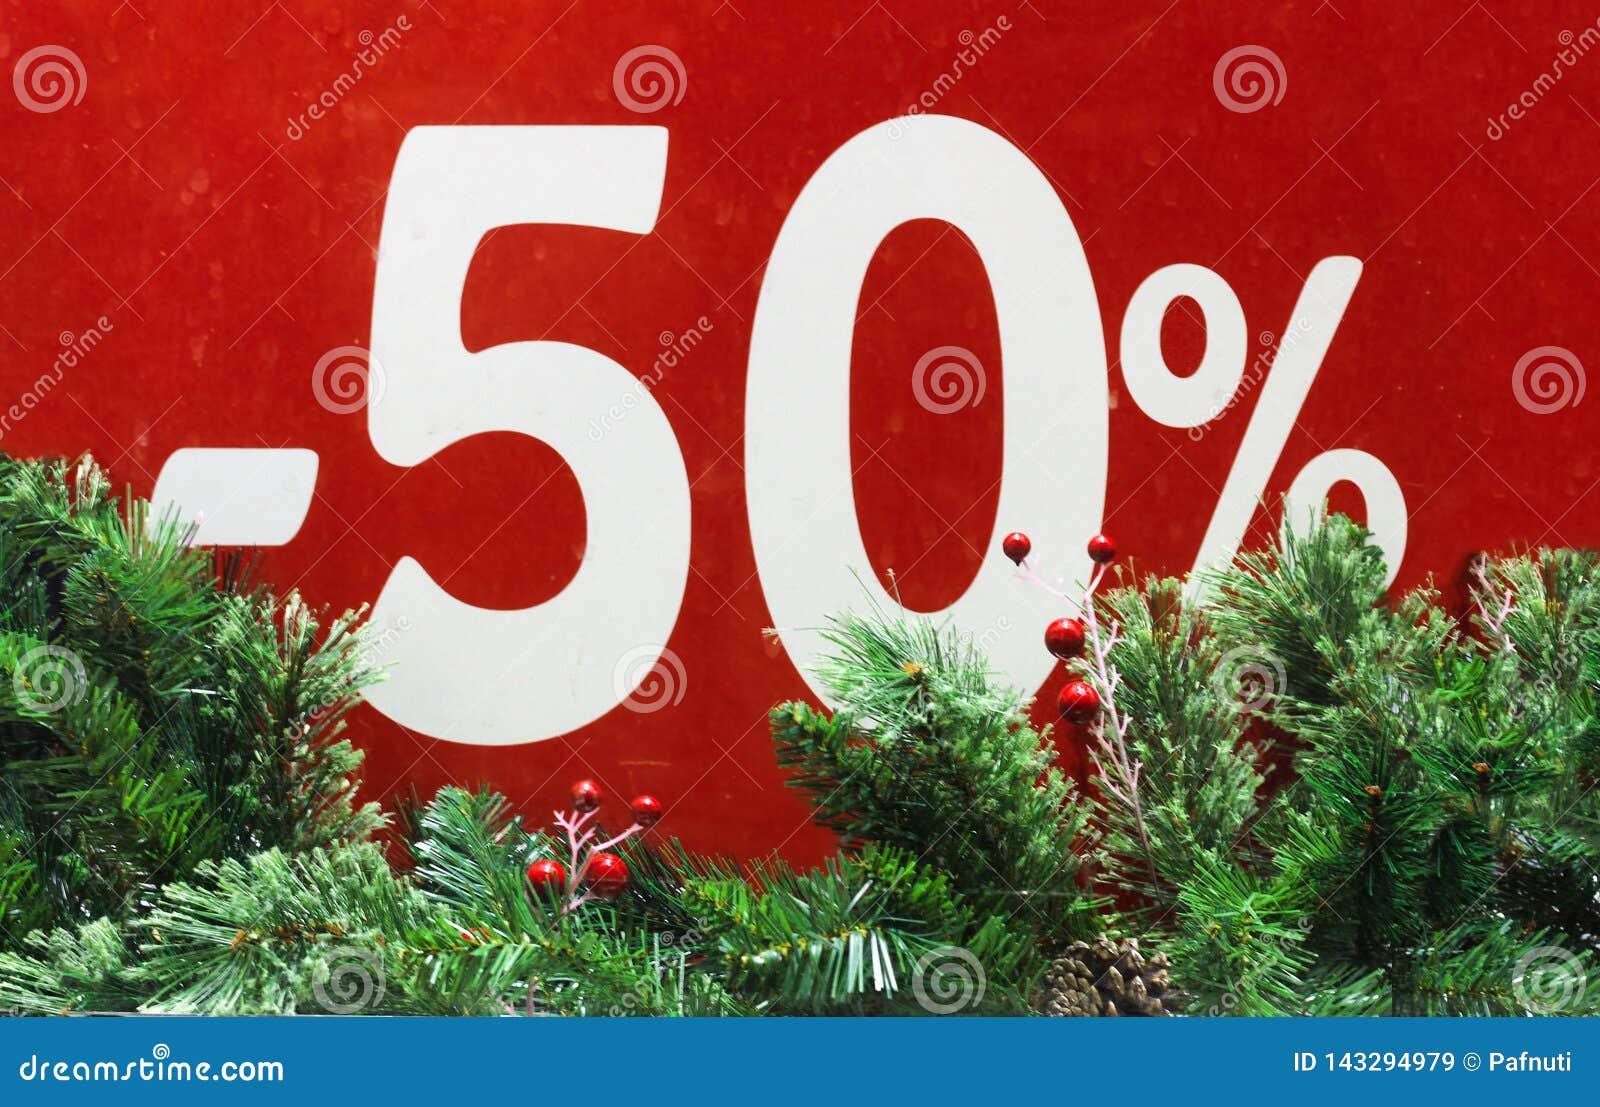 Vente d hiver 50 pour cent Fond rouge